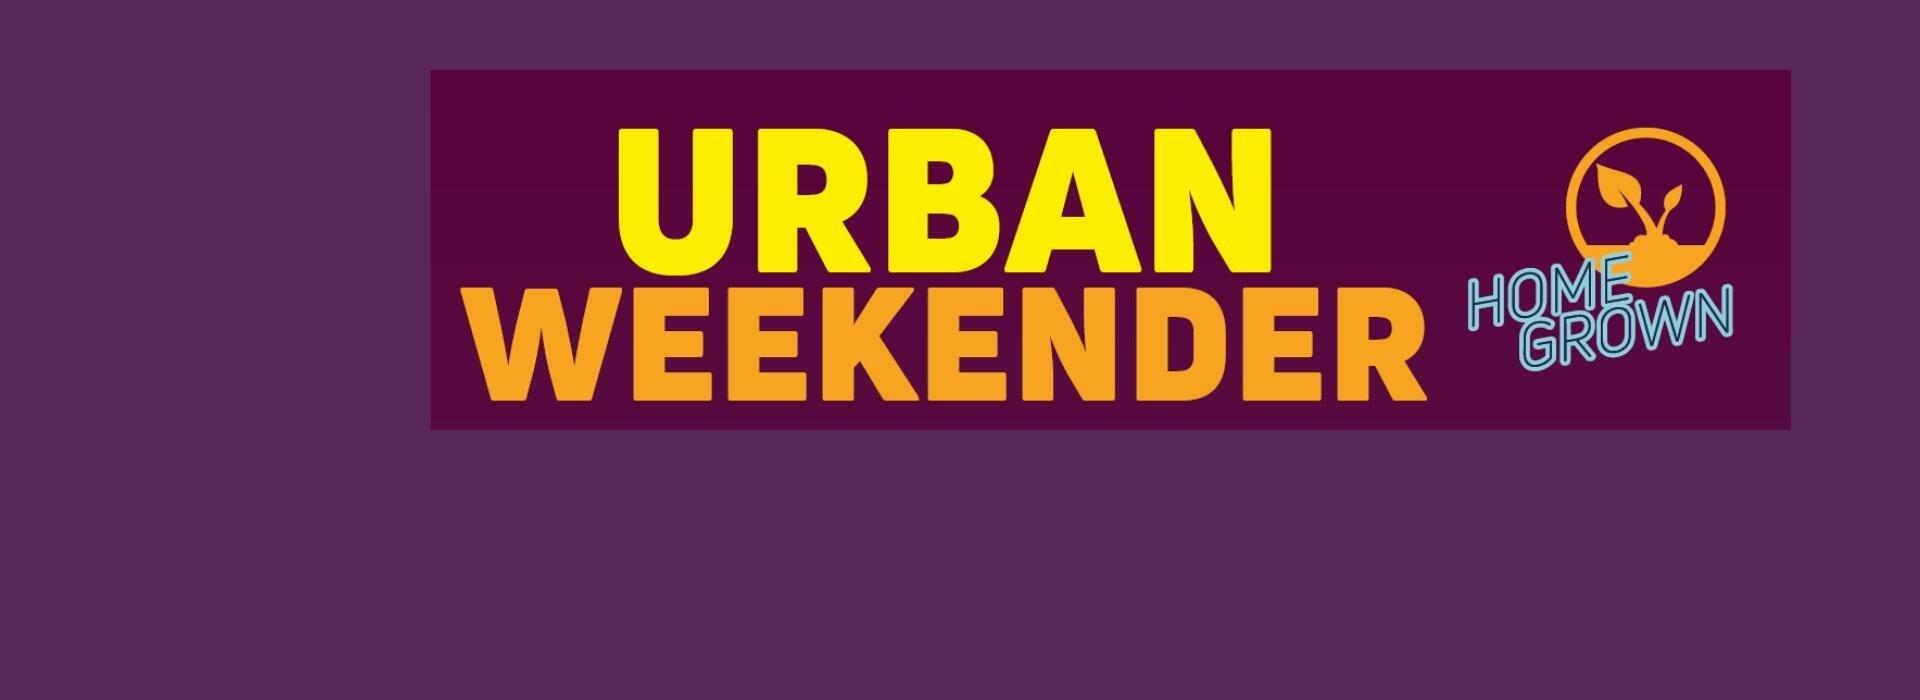 Urban Weekender